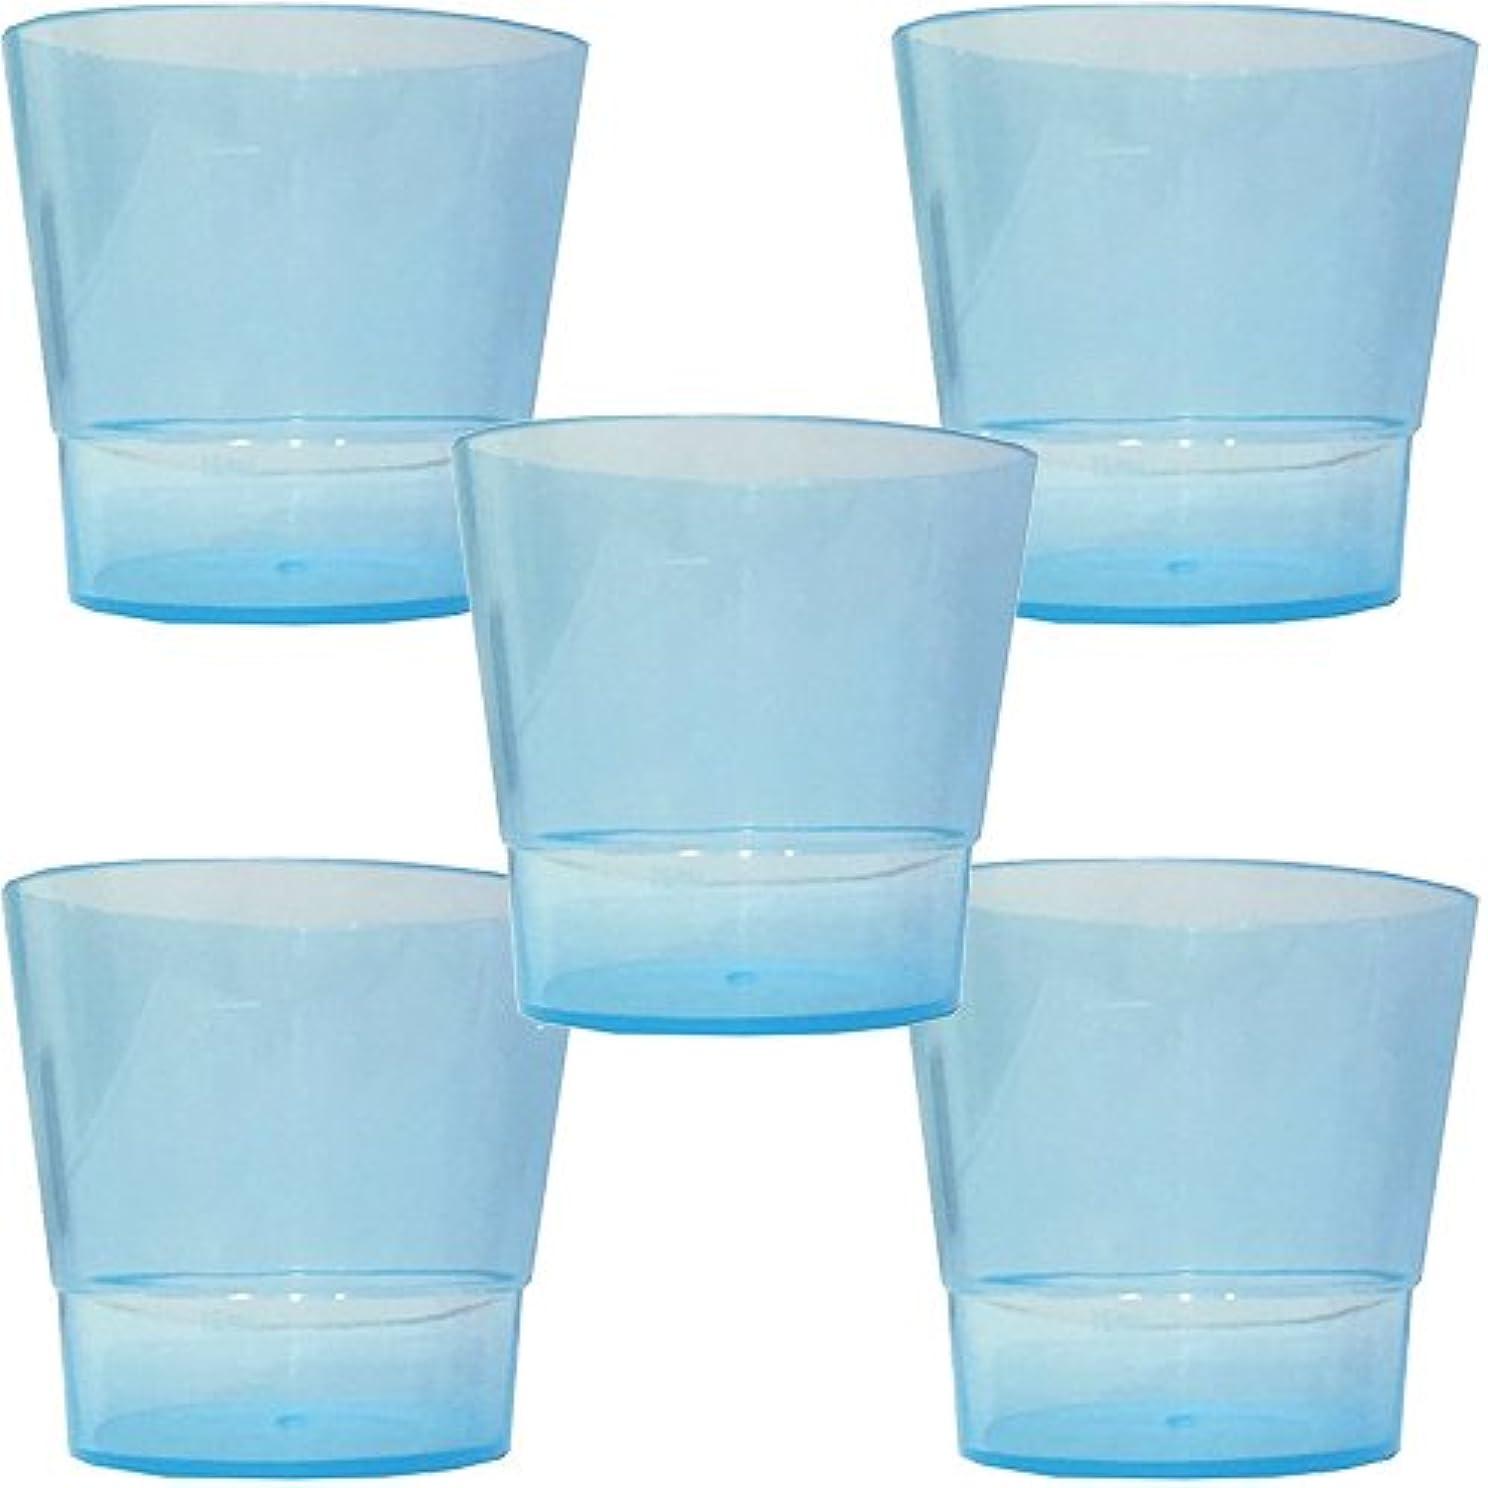 詳細な役立つナサニエル区洗口コップ (少量洗口専用コップ) (ブルー 5個)